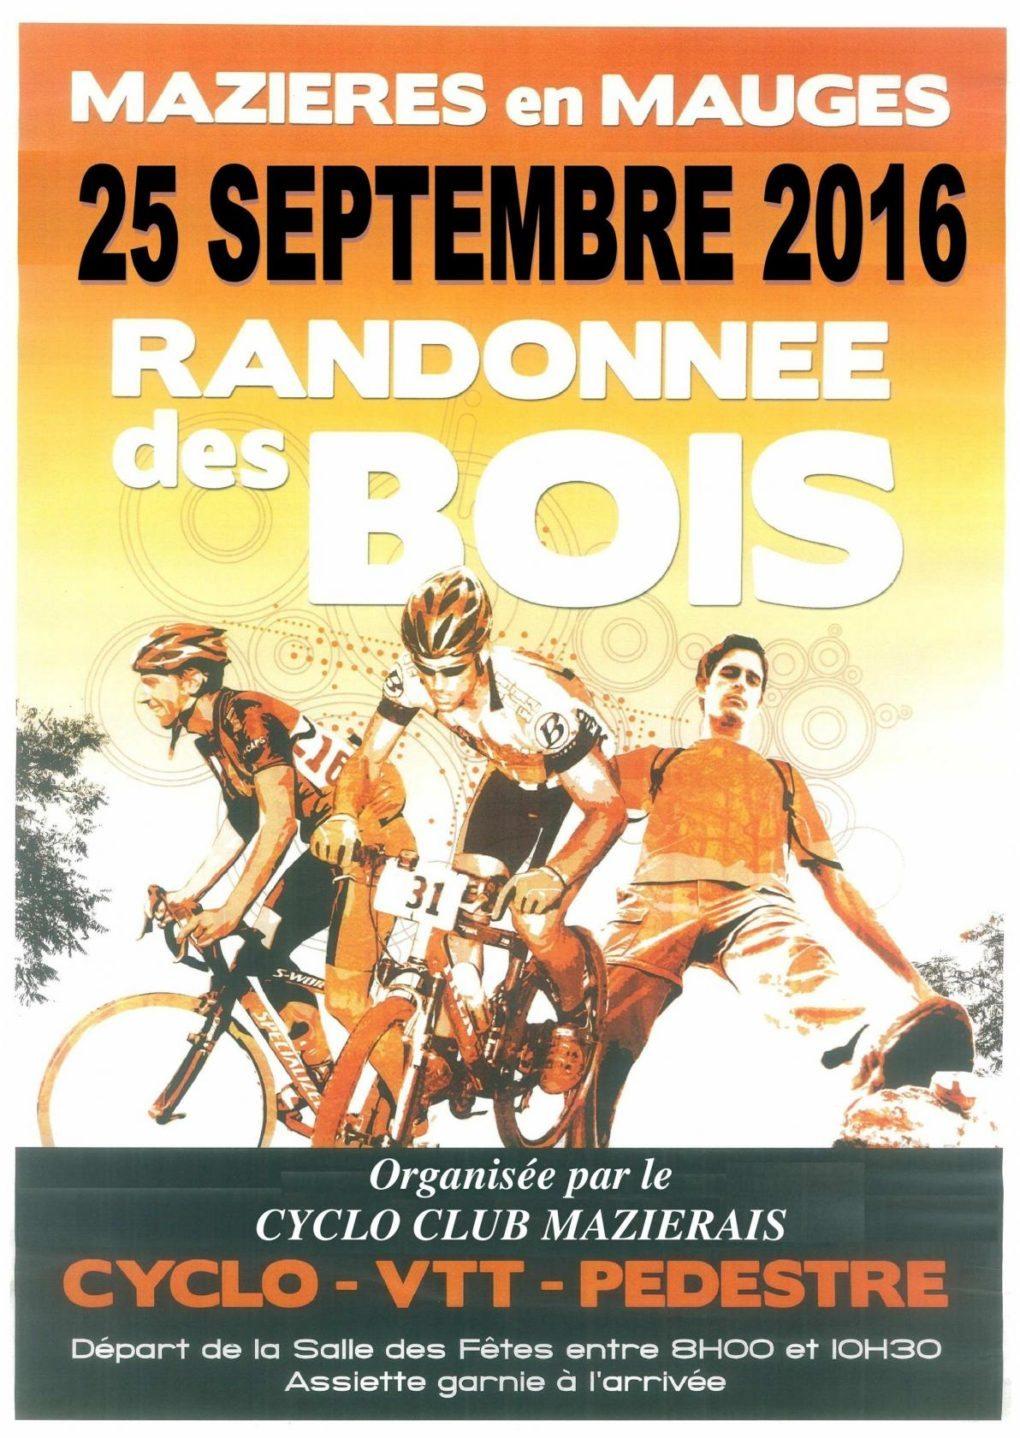 Randonnée des bois : circuits pédestres, cyclos et VTT Mazières-en-Mauges